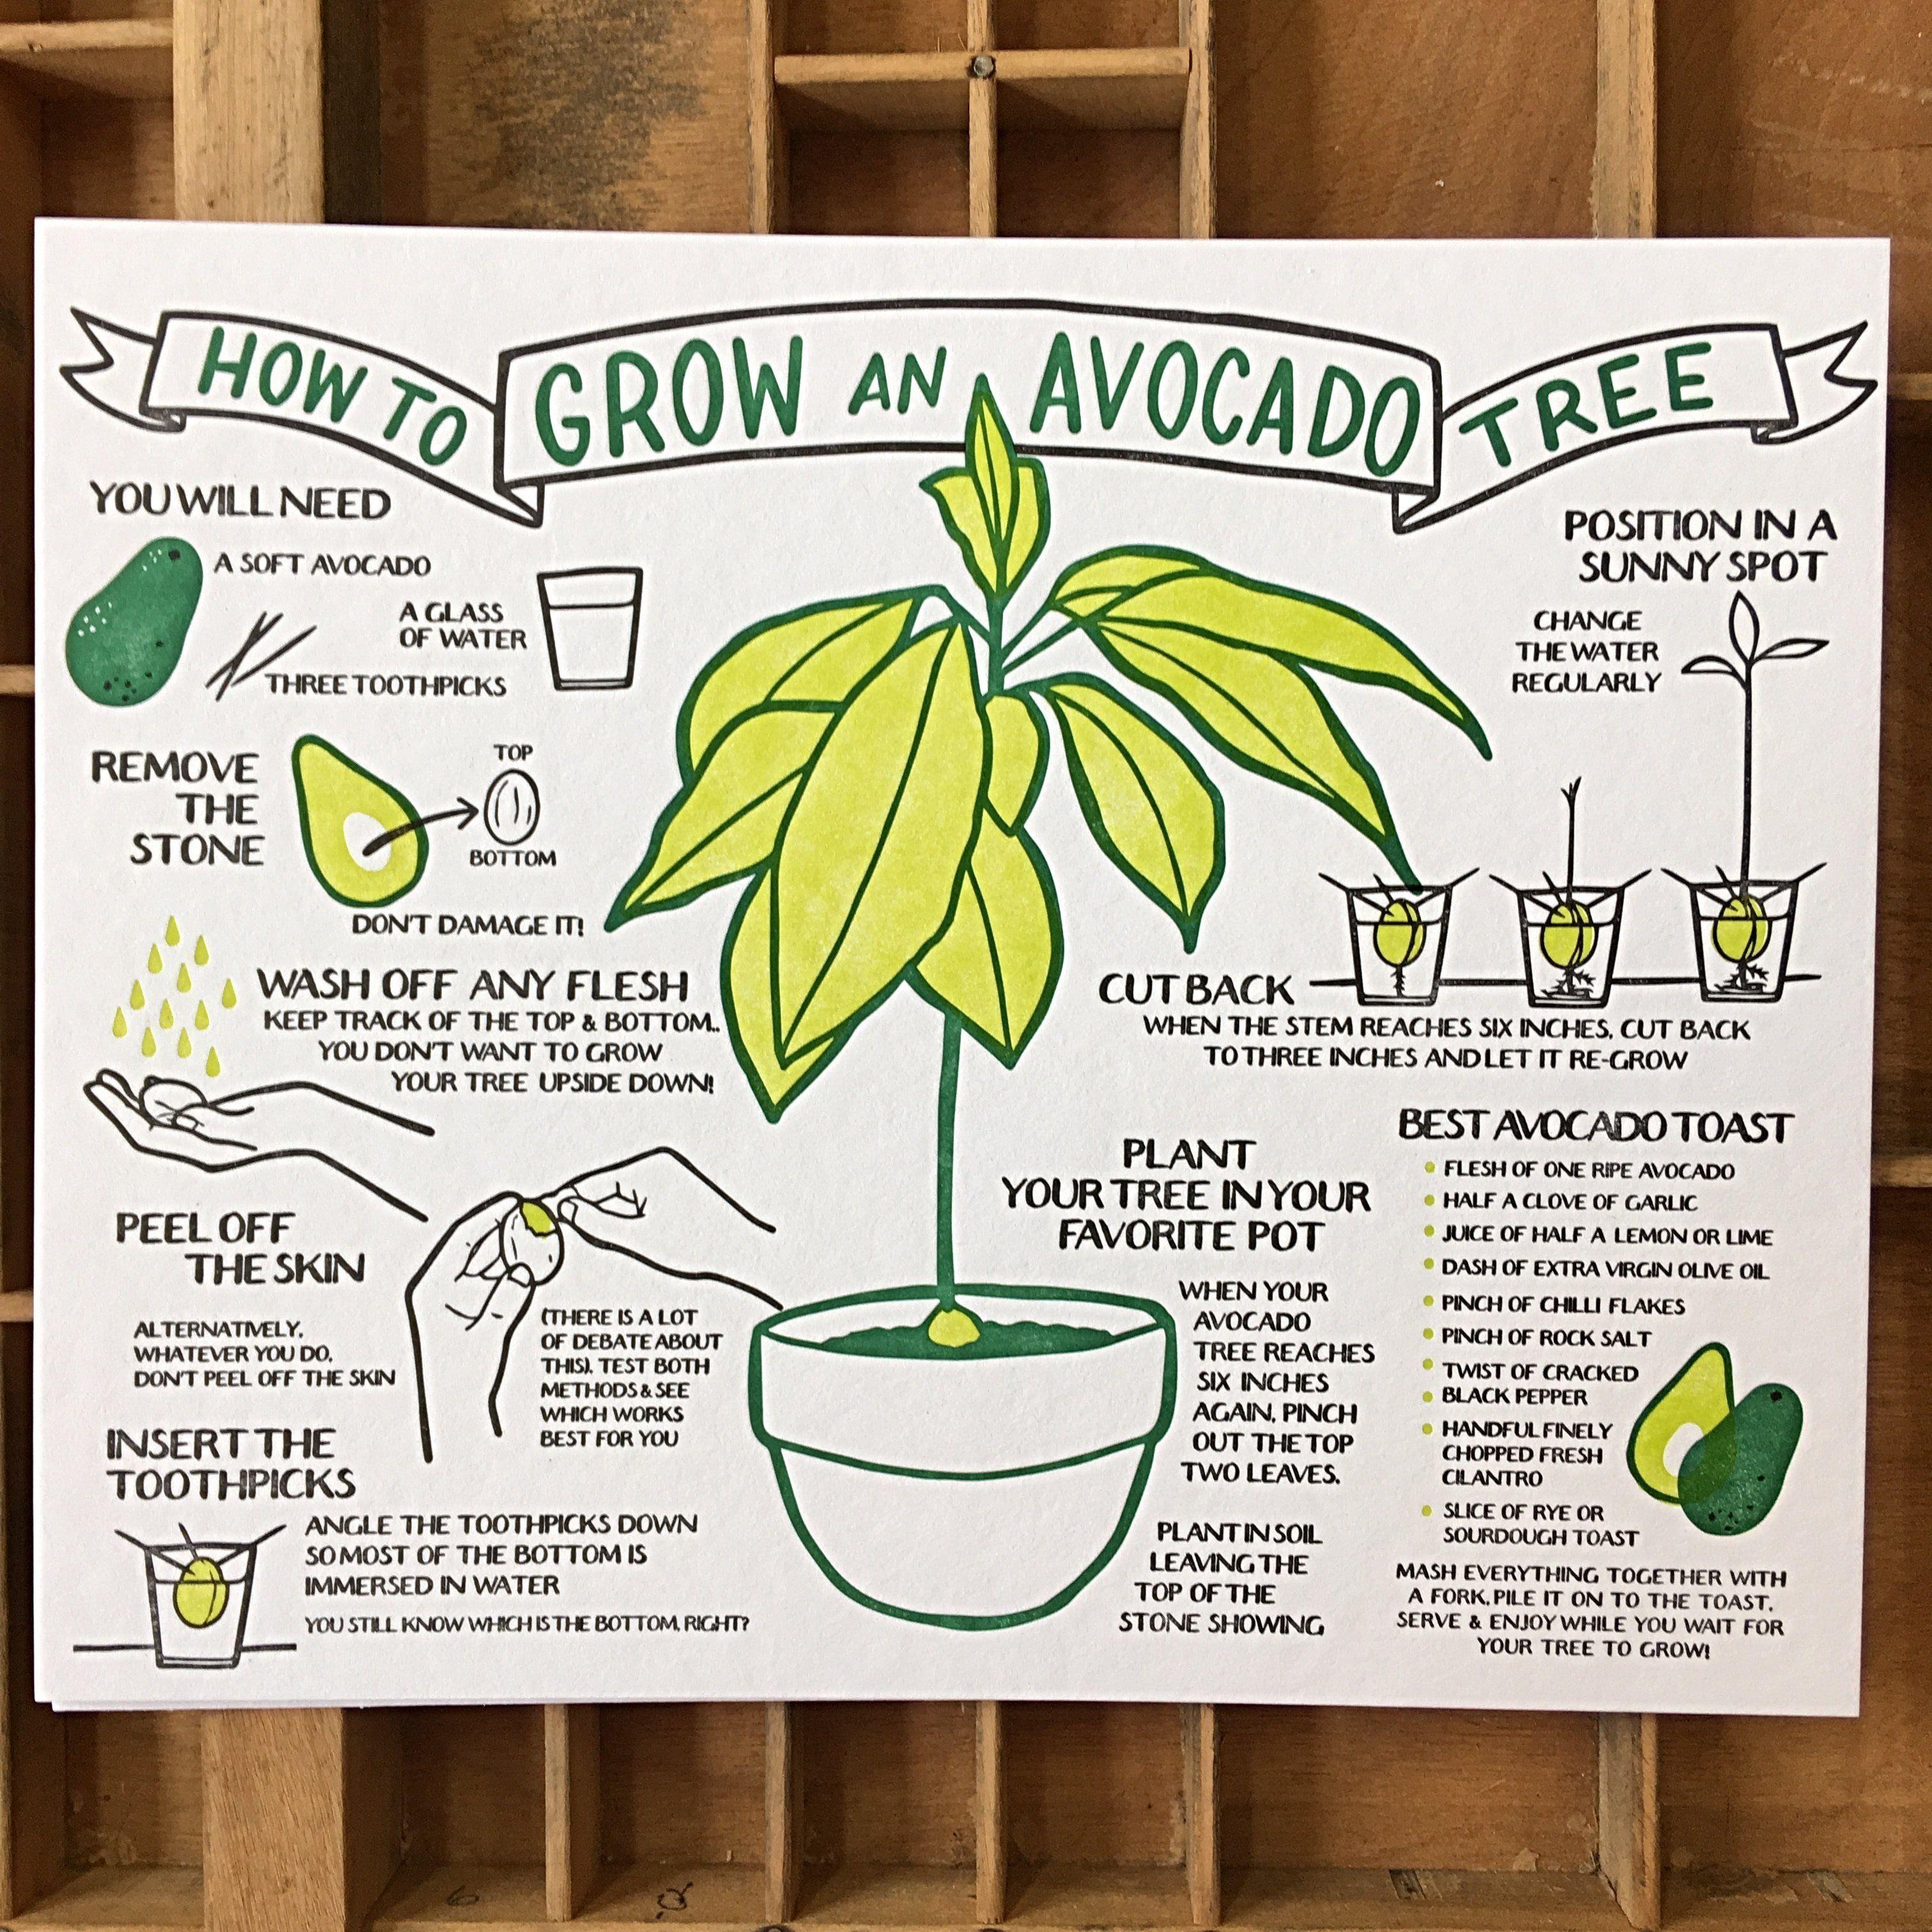 How To Grow An Avocado Tree Broadside